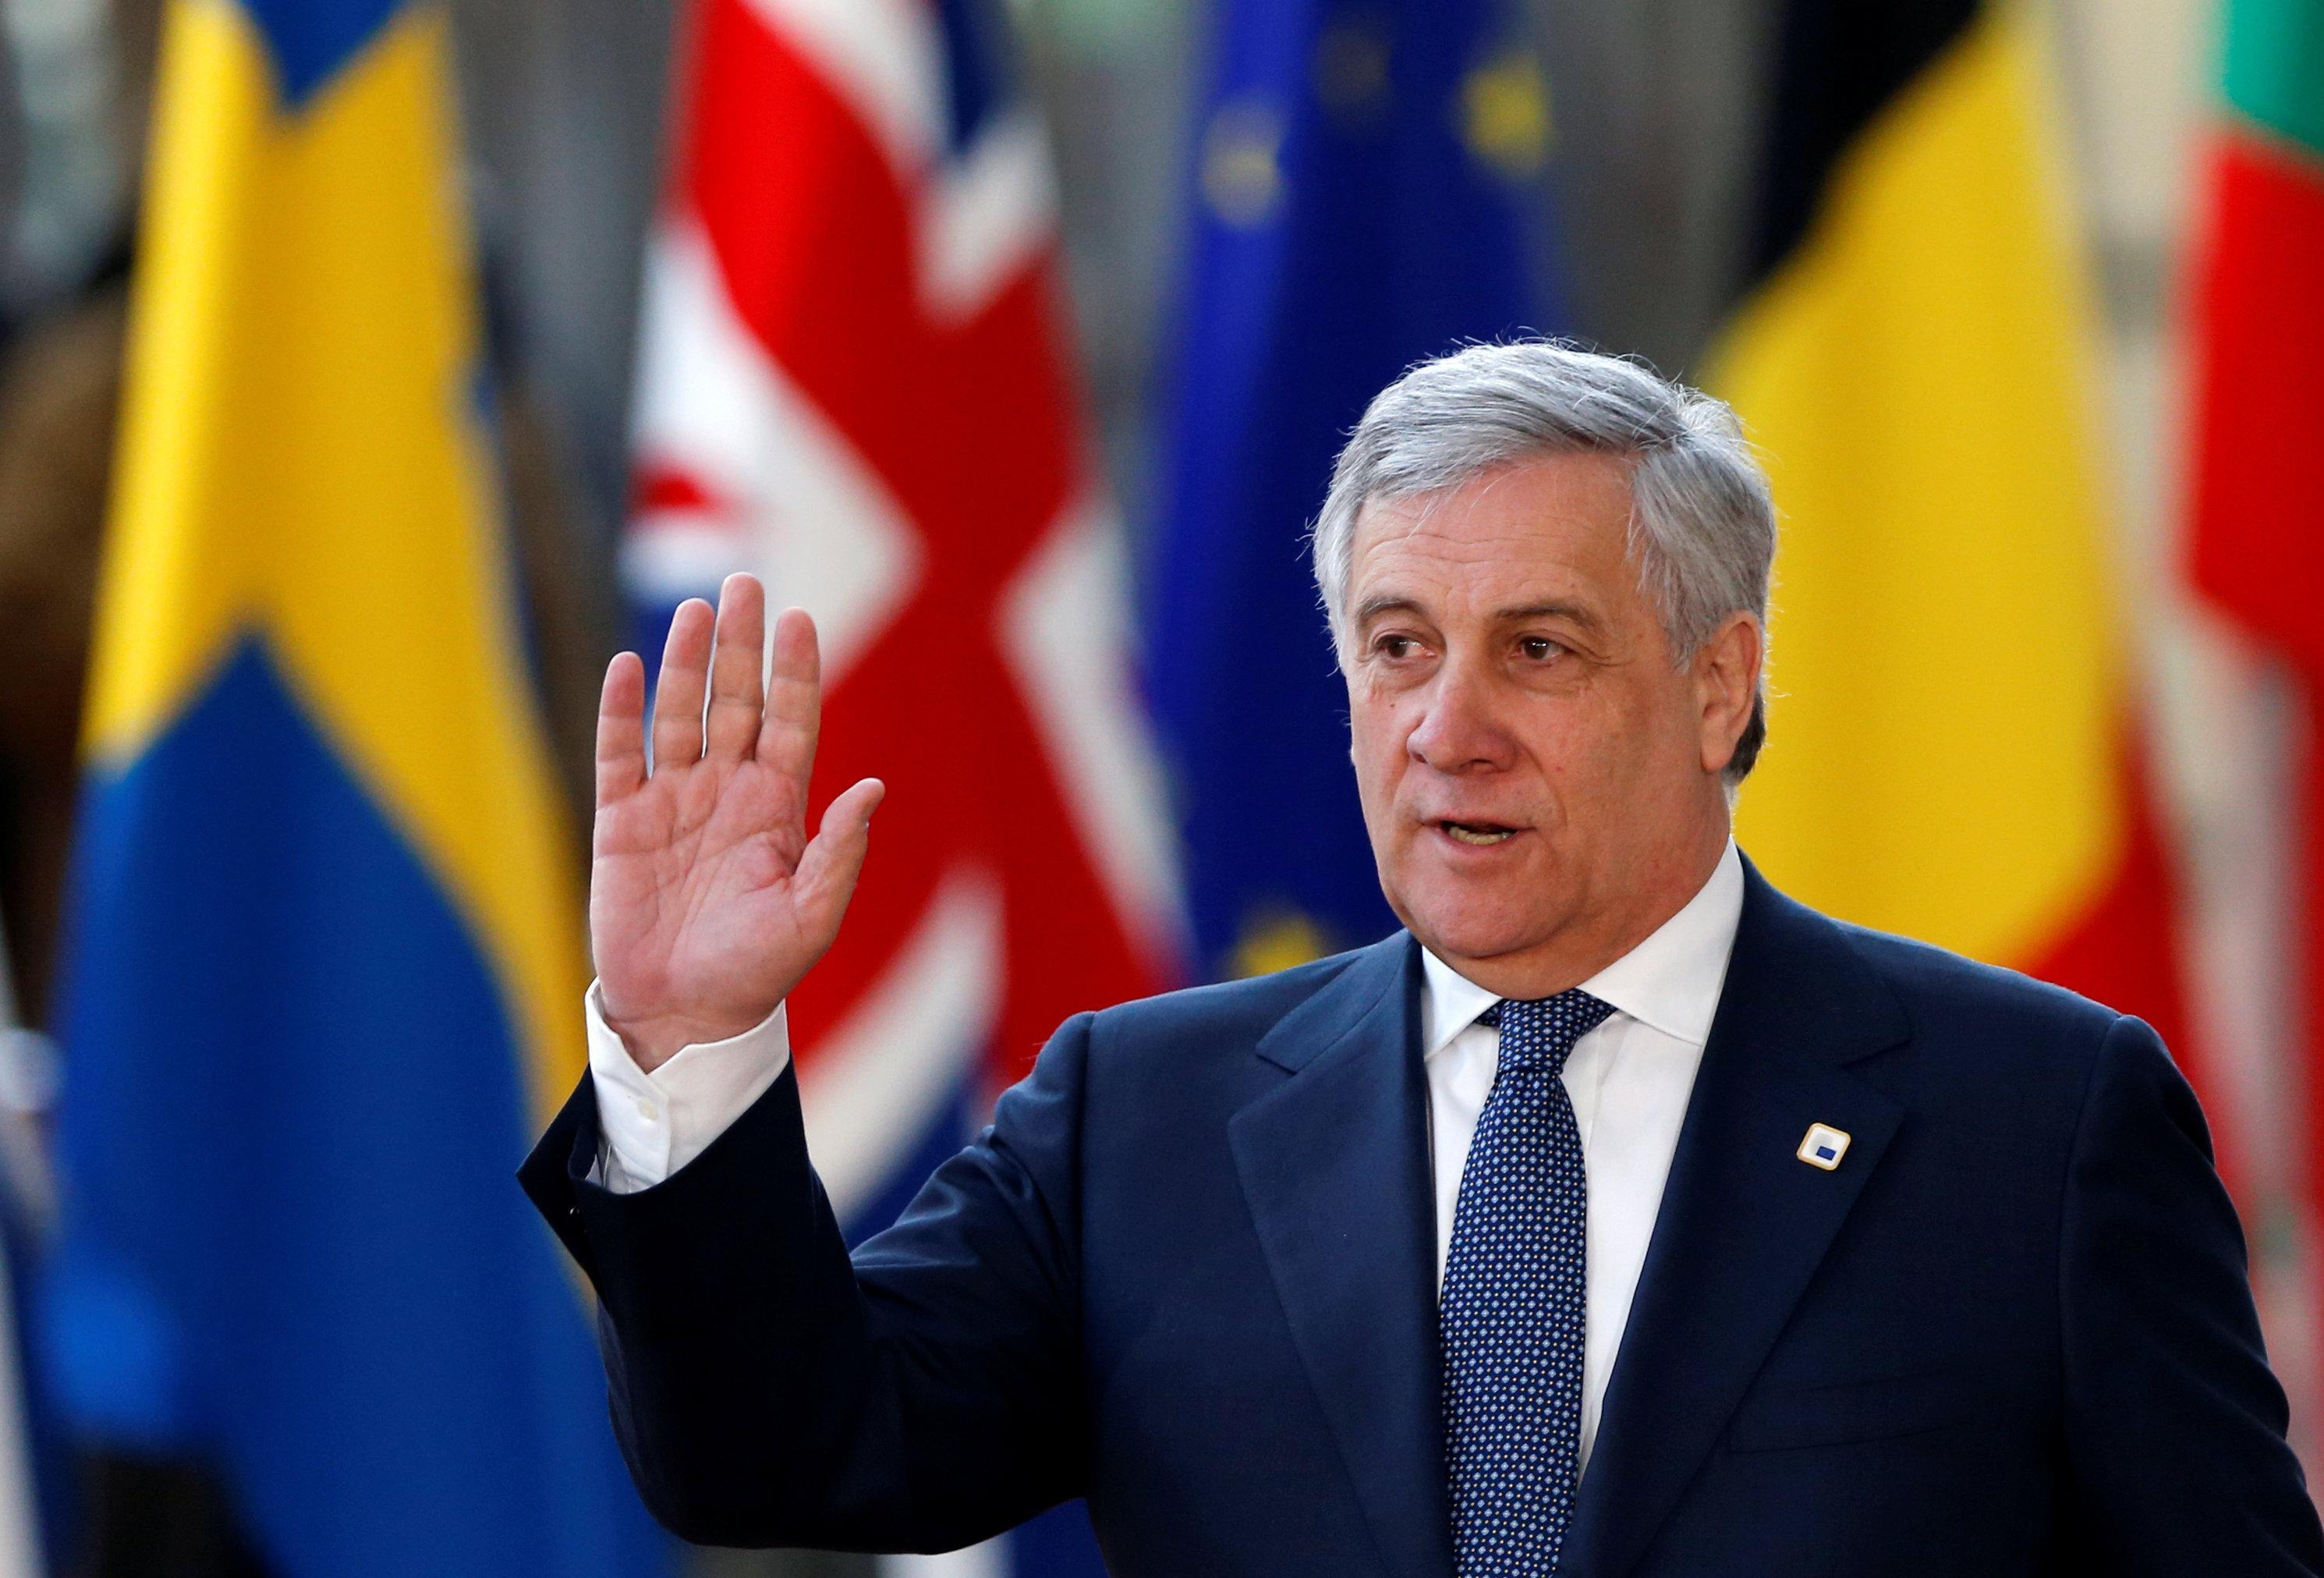 Kesepakatan perdagangan UE-Inggris bisa lebih dalam, tetapi dimodelkan pada perjanjian Kanada, Jepang - Tajani